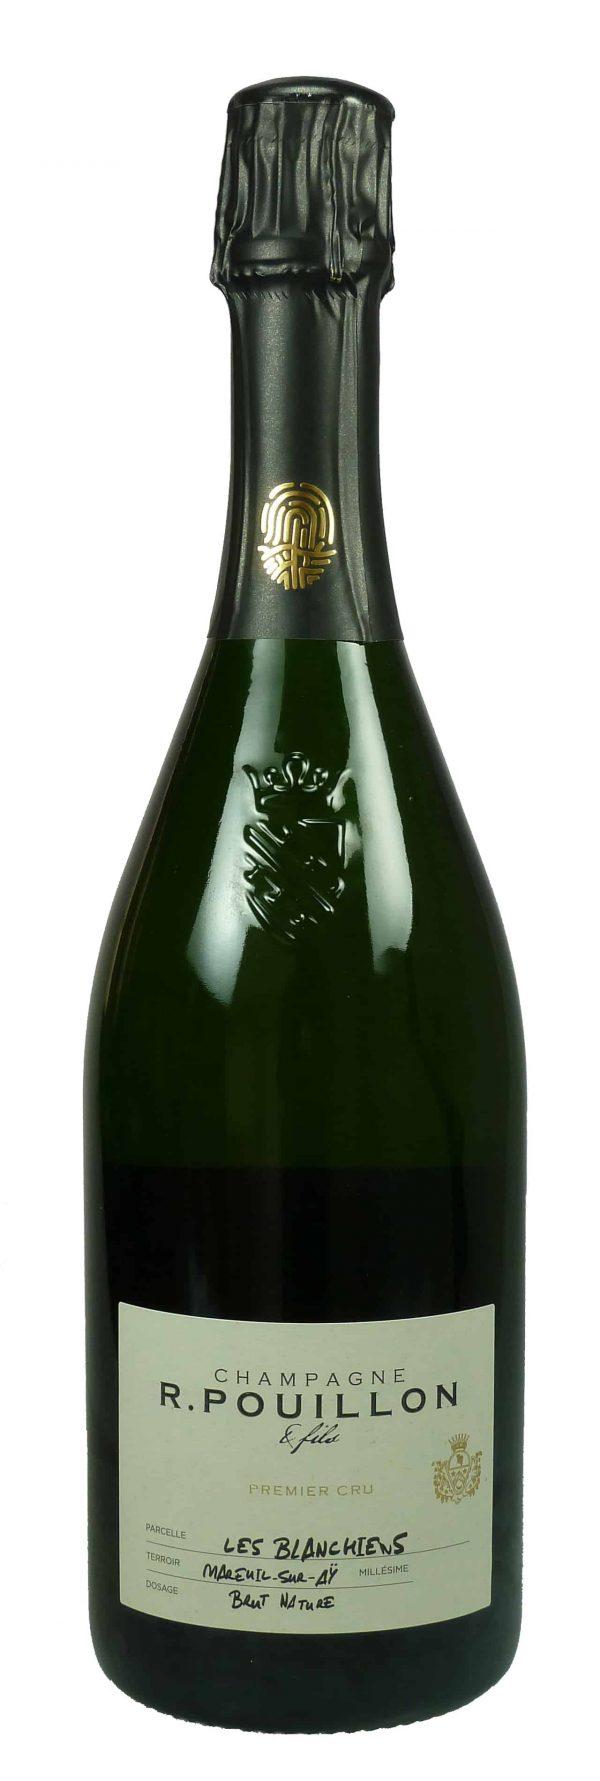 Les Blanchiens Champagne Brut Nature Premier Cru  2010